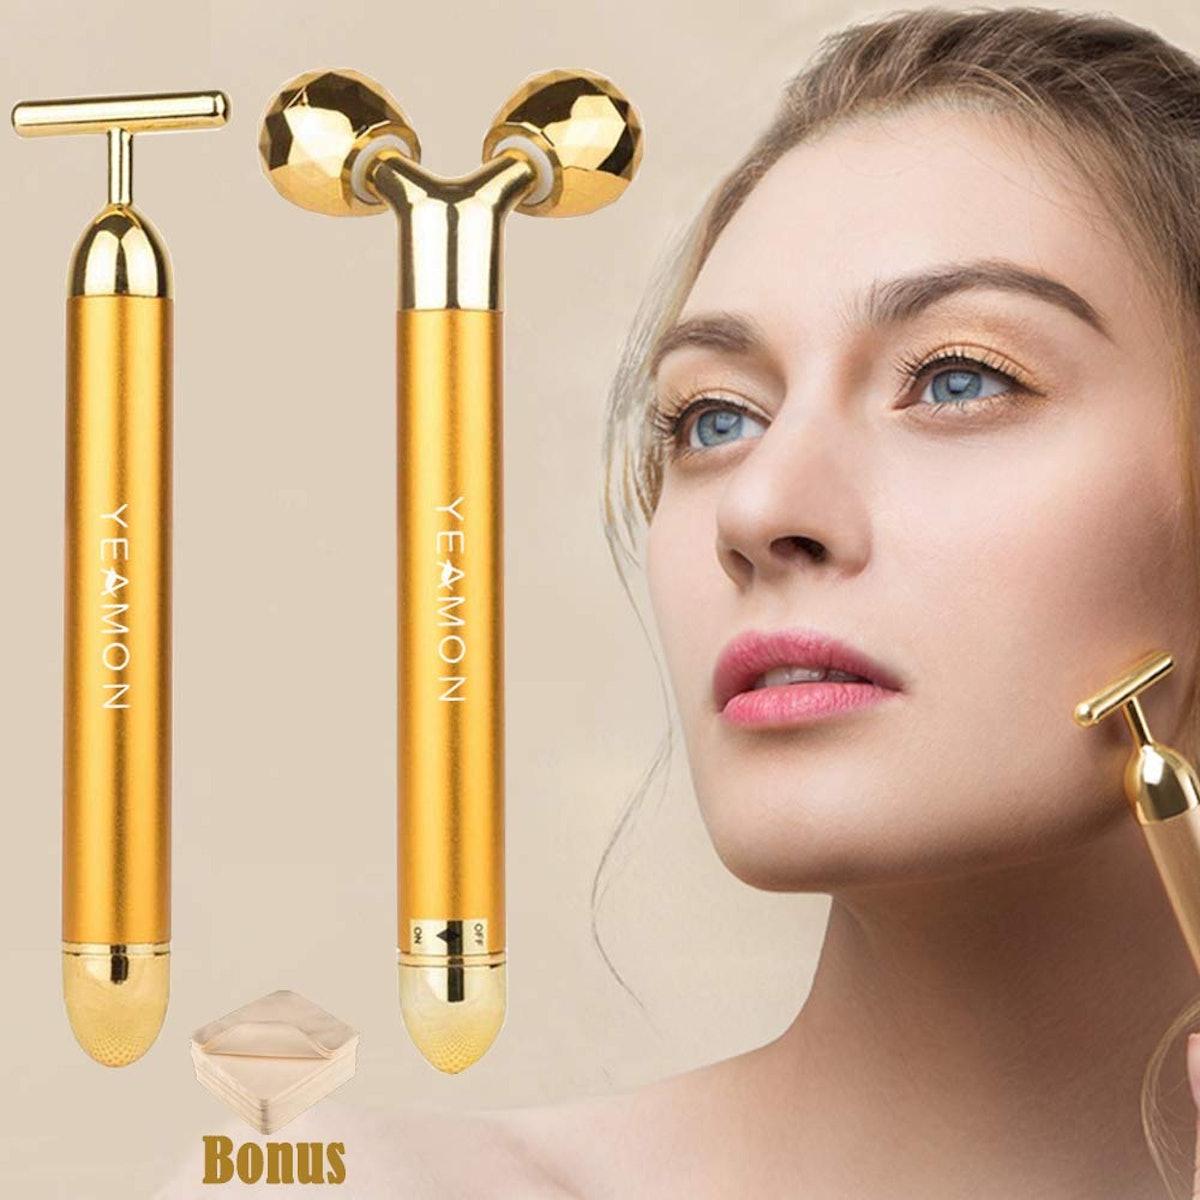 24k Golden Pulse Facial Face Massager (2 Pack)